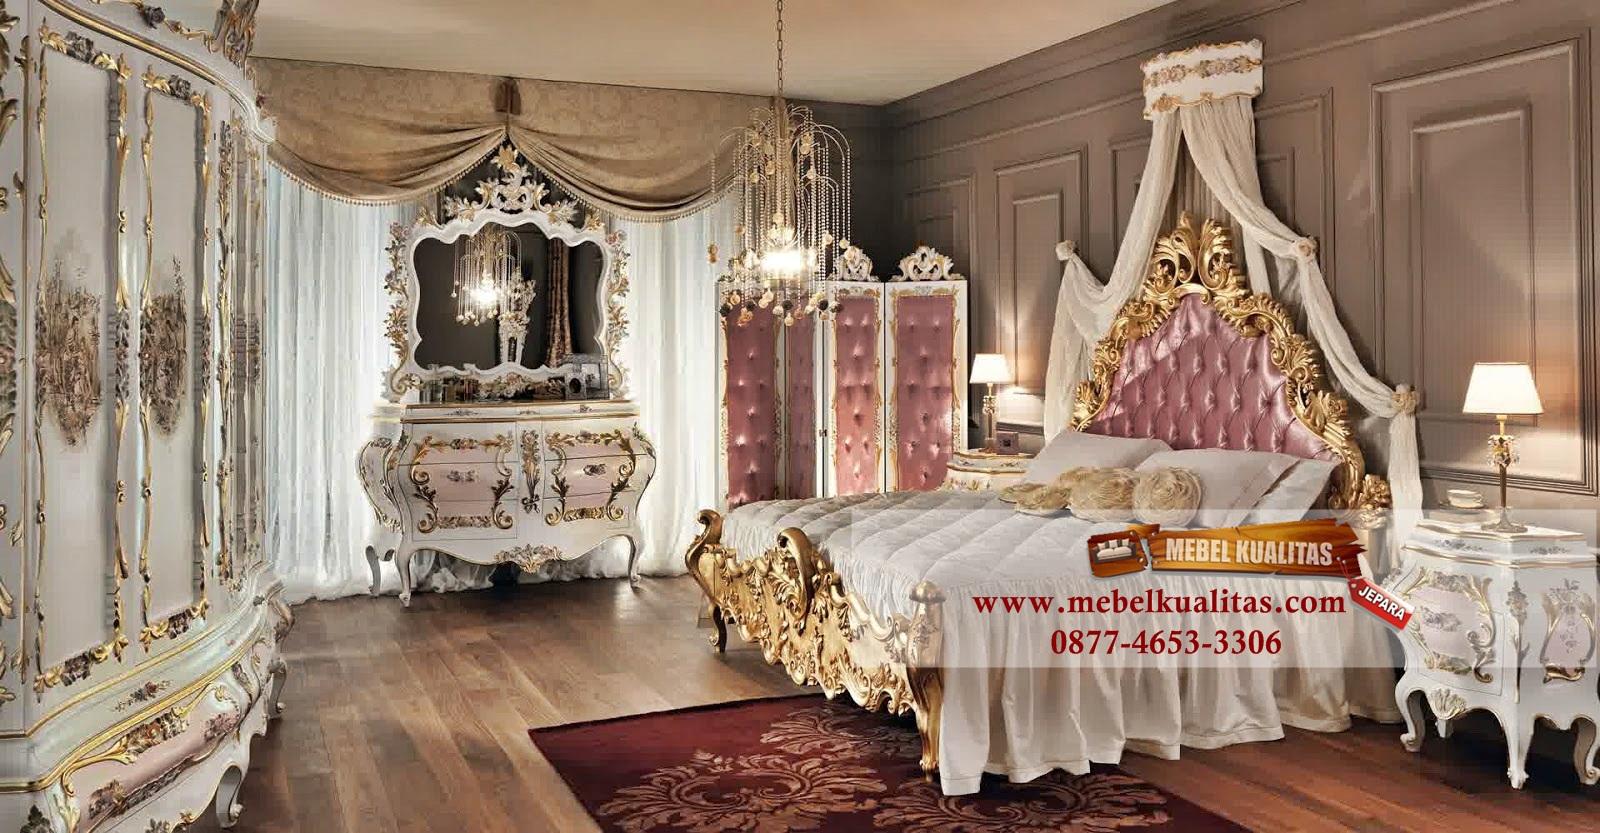 kamar tidur mewah, mebelkualitas.com, mebel jepara, kamar tidur mahoni, kamar tidur mewah jepara